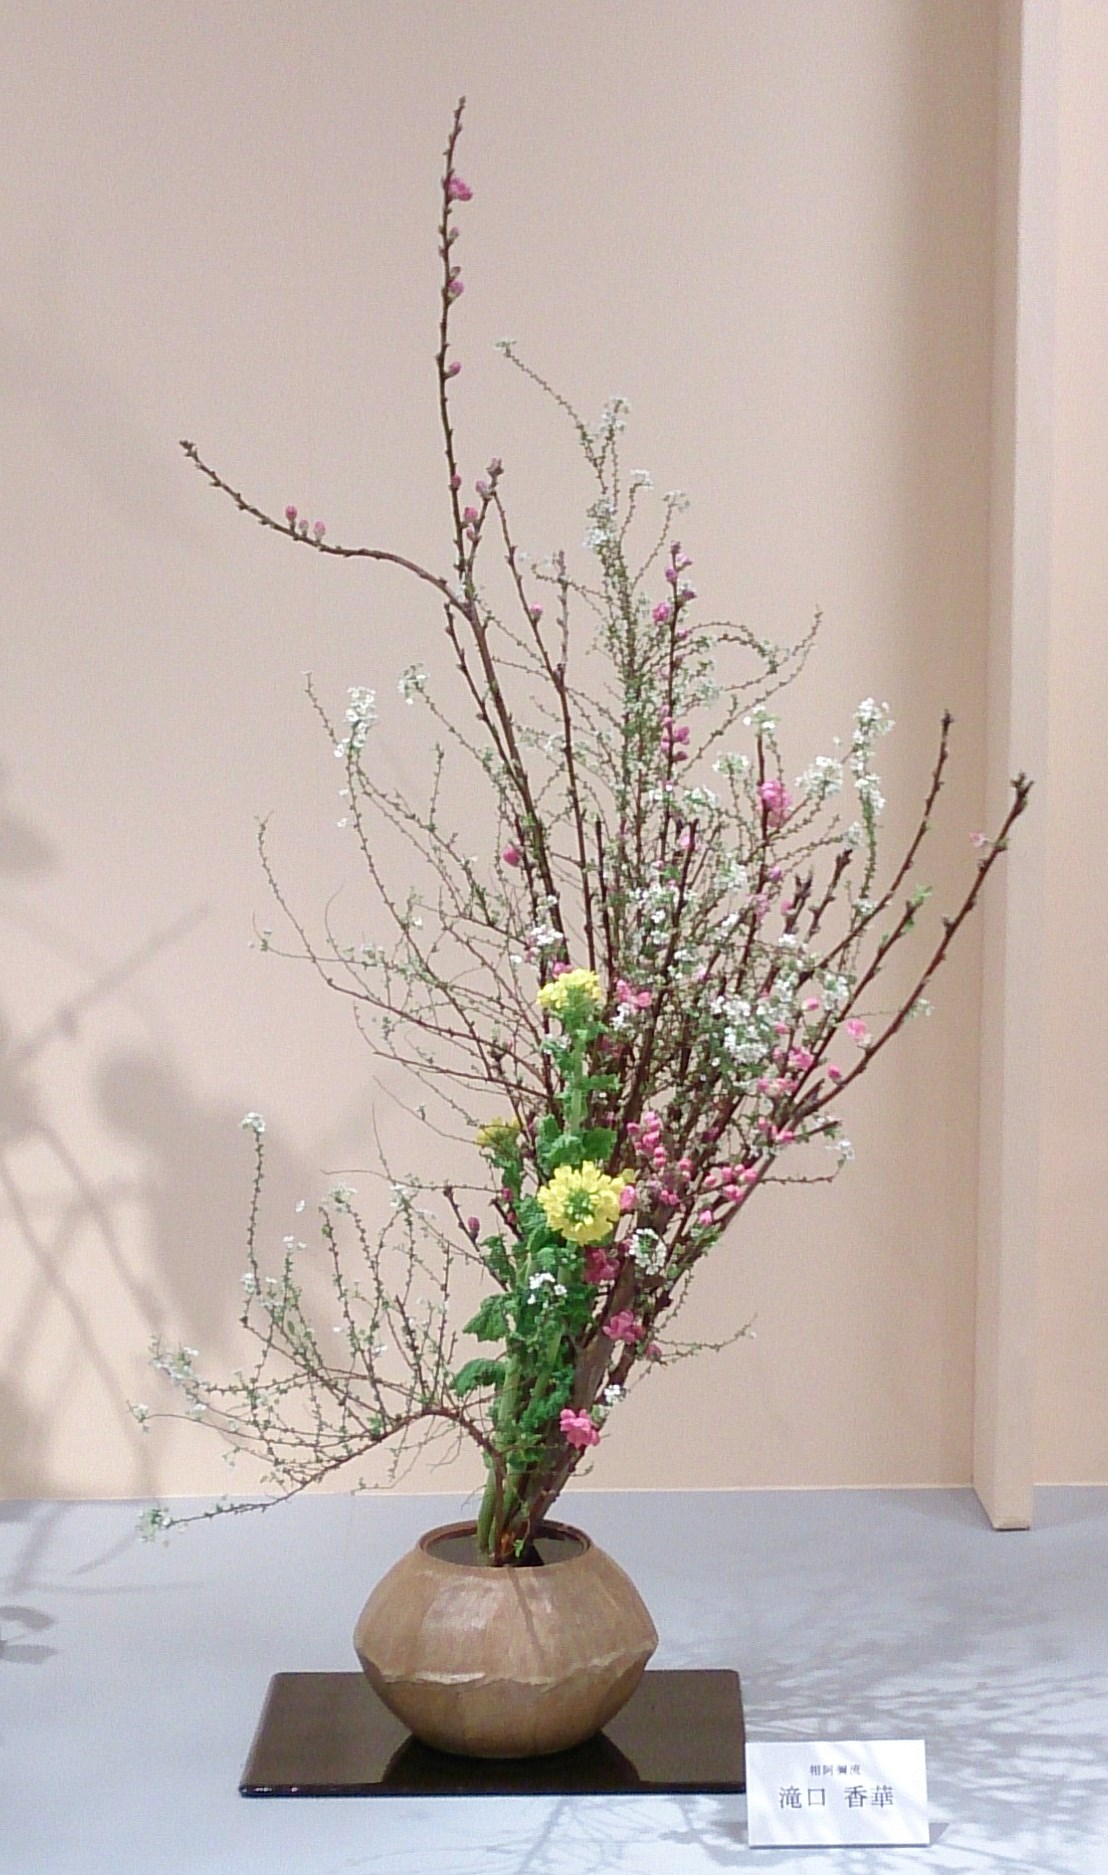 滝口 香華 (桃、雪柳、菜の花)